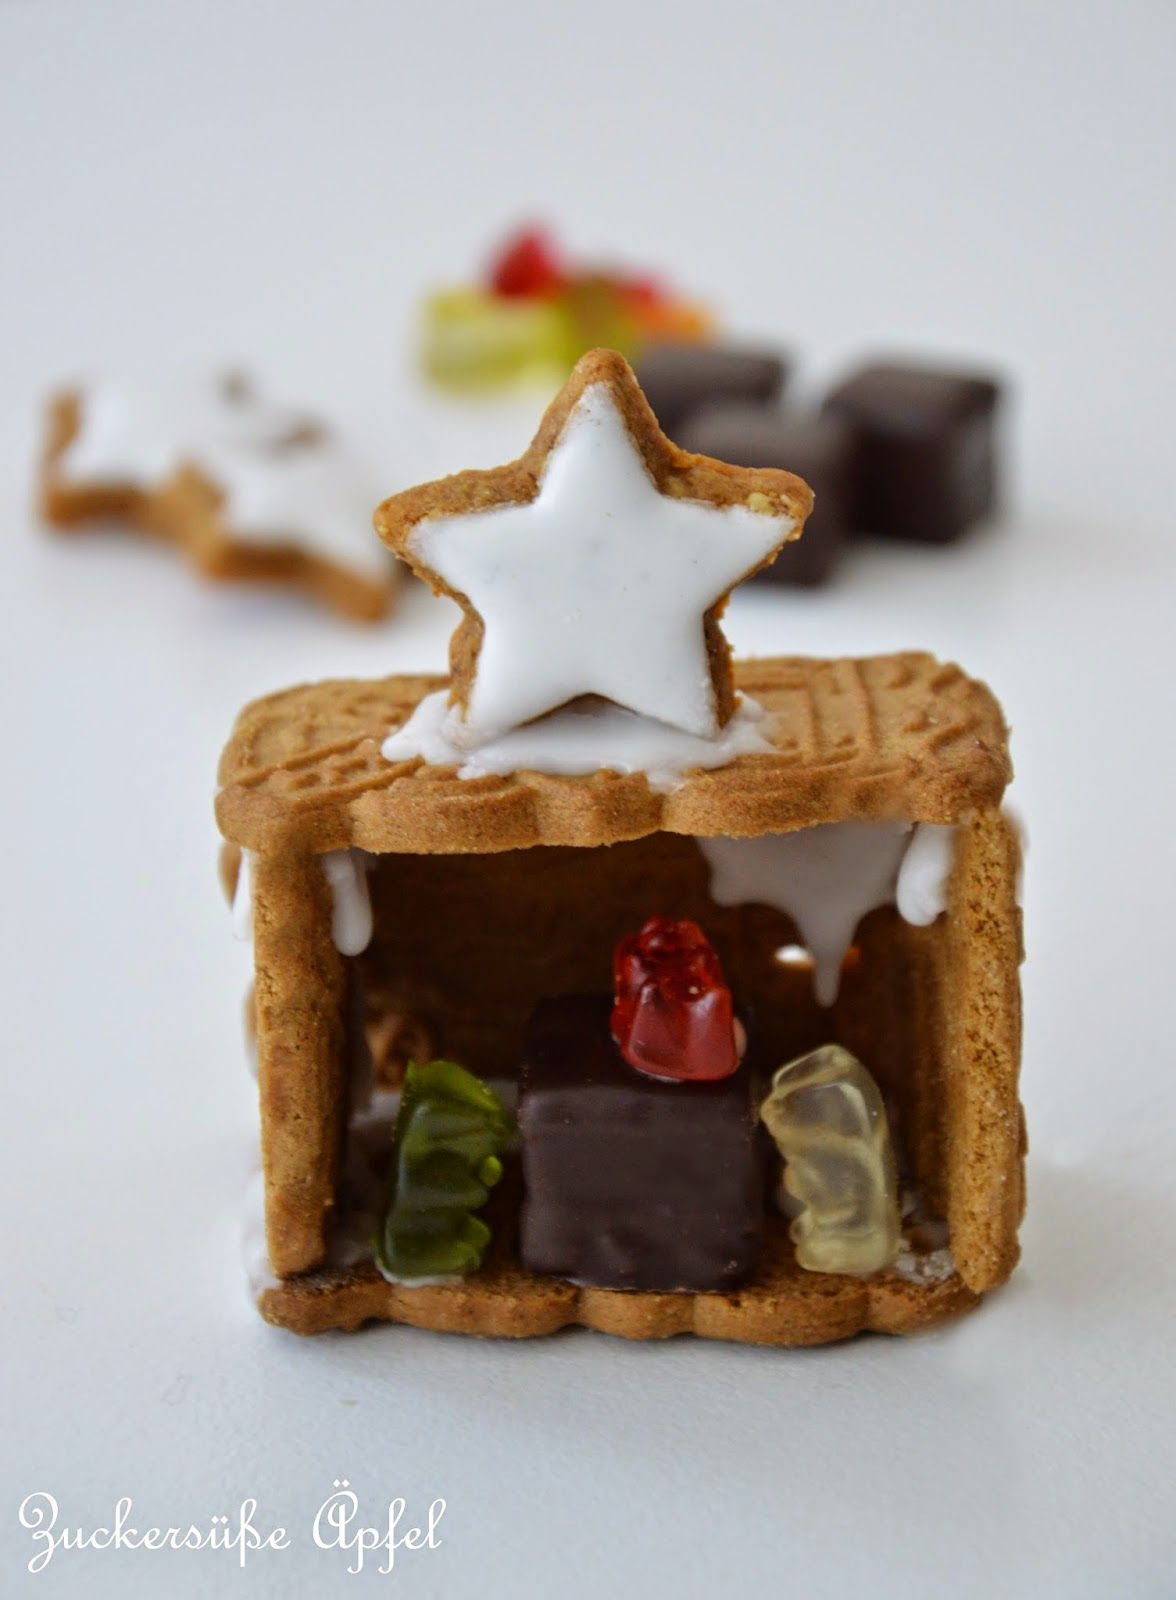 spekulatiuskrippe geschenkideen pinterest weihnachten basteln weihnachten und backen. Black Bedroom Furniture Sets. Home Design Ideas